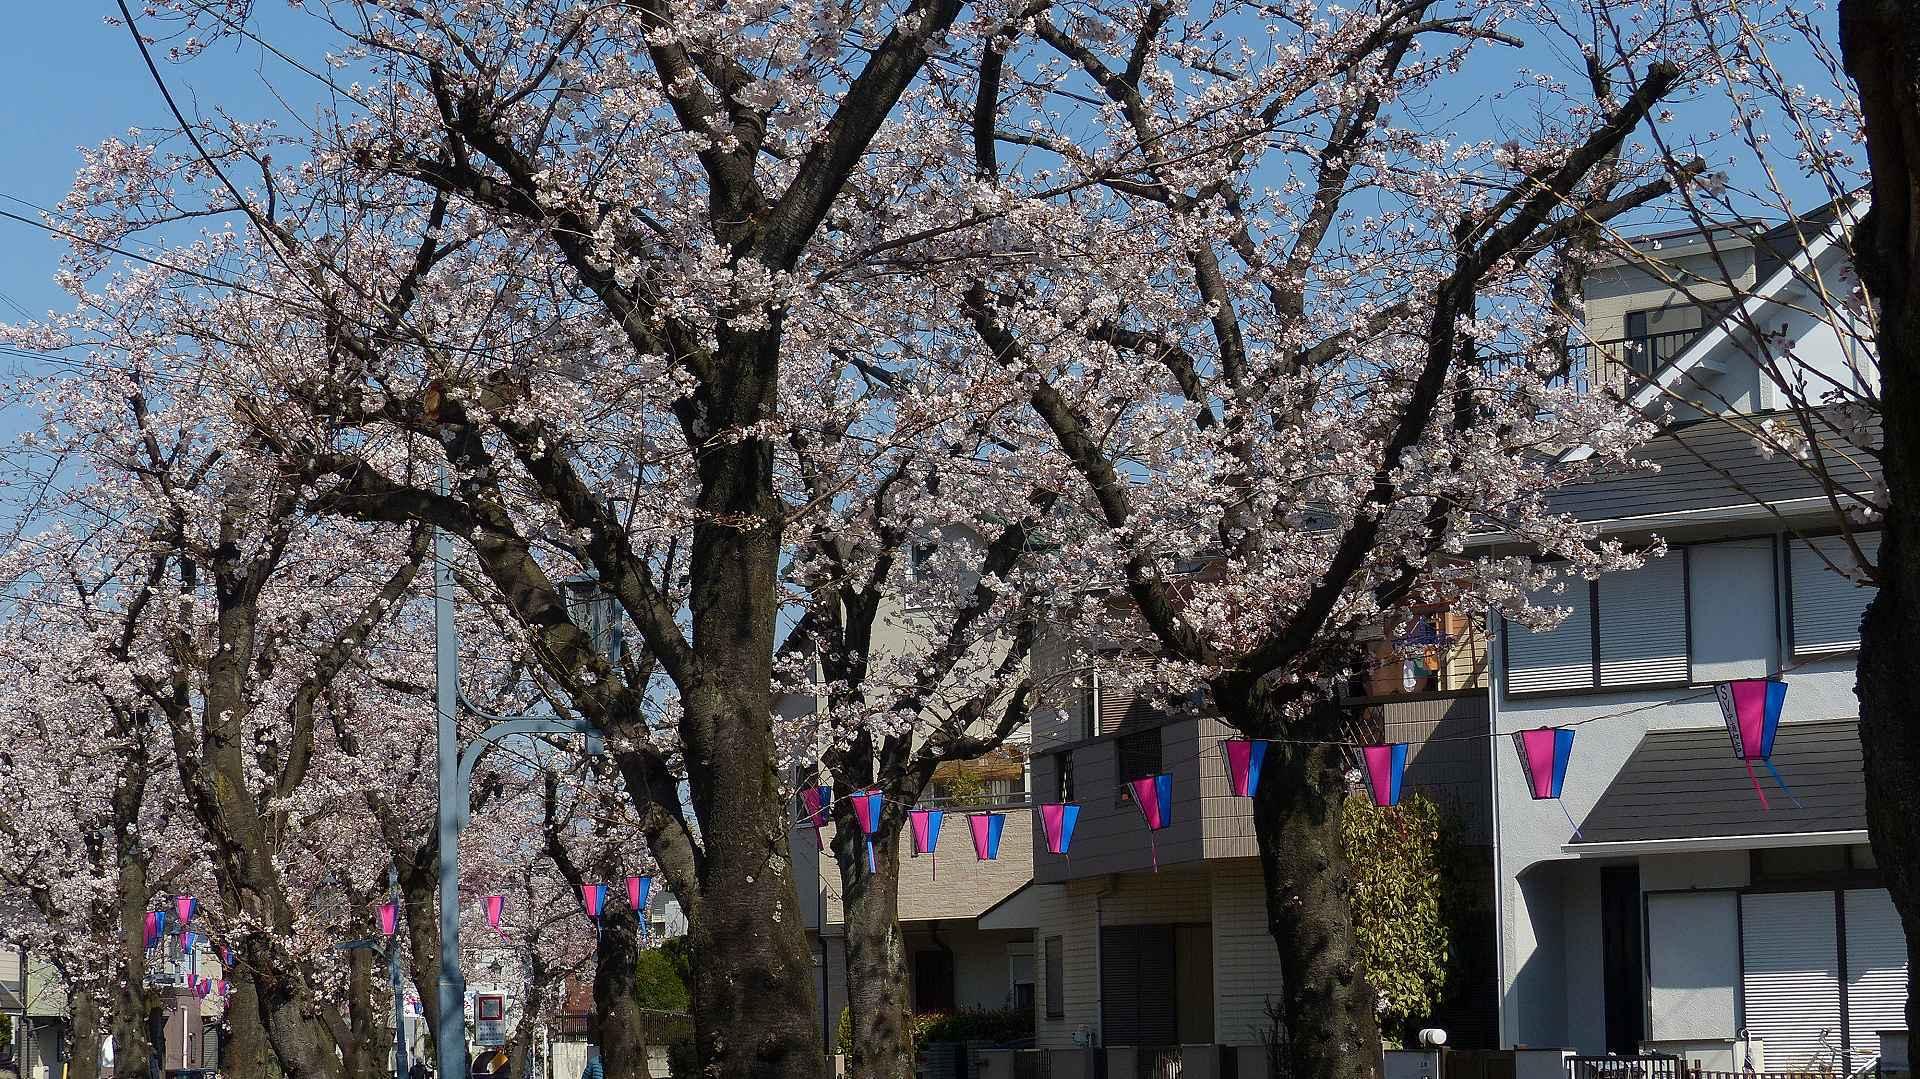 桜の便りに誘われて 【 2018 3/25(日) 】_a0185081_15135440.jpg